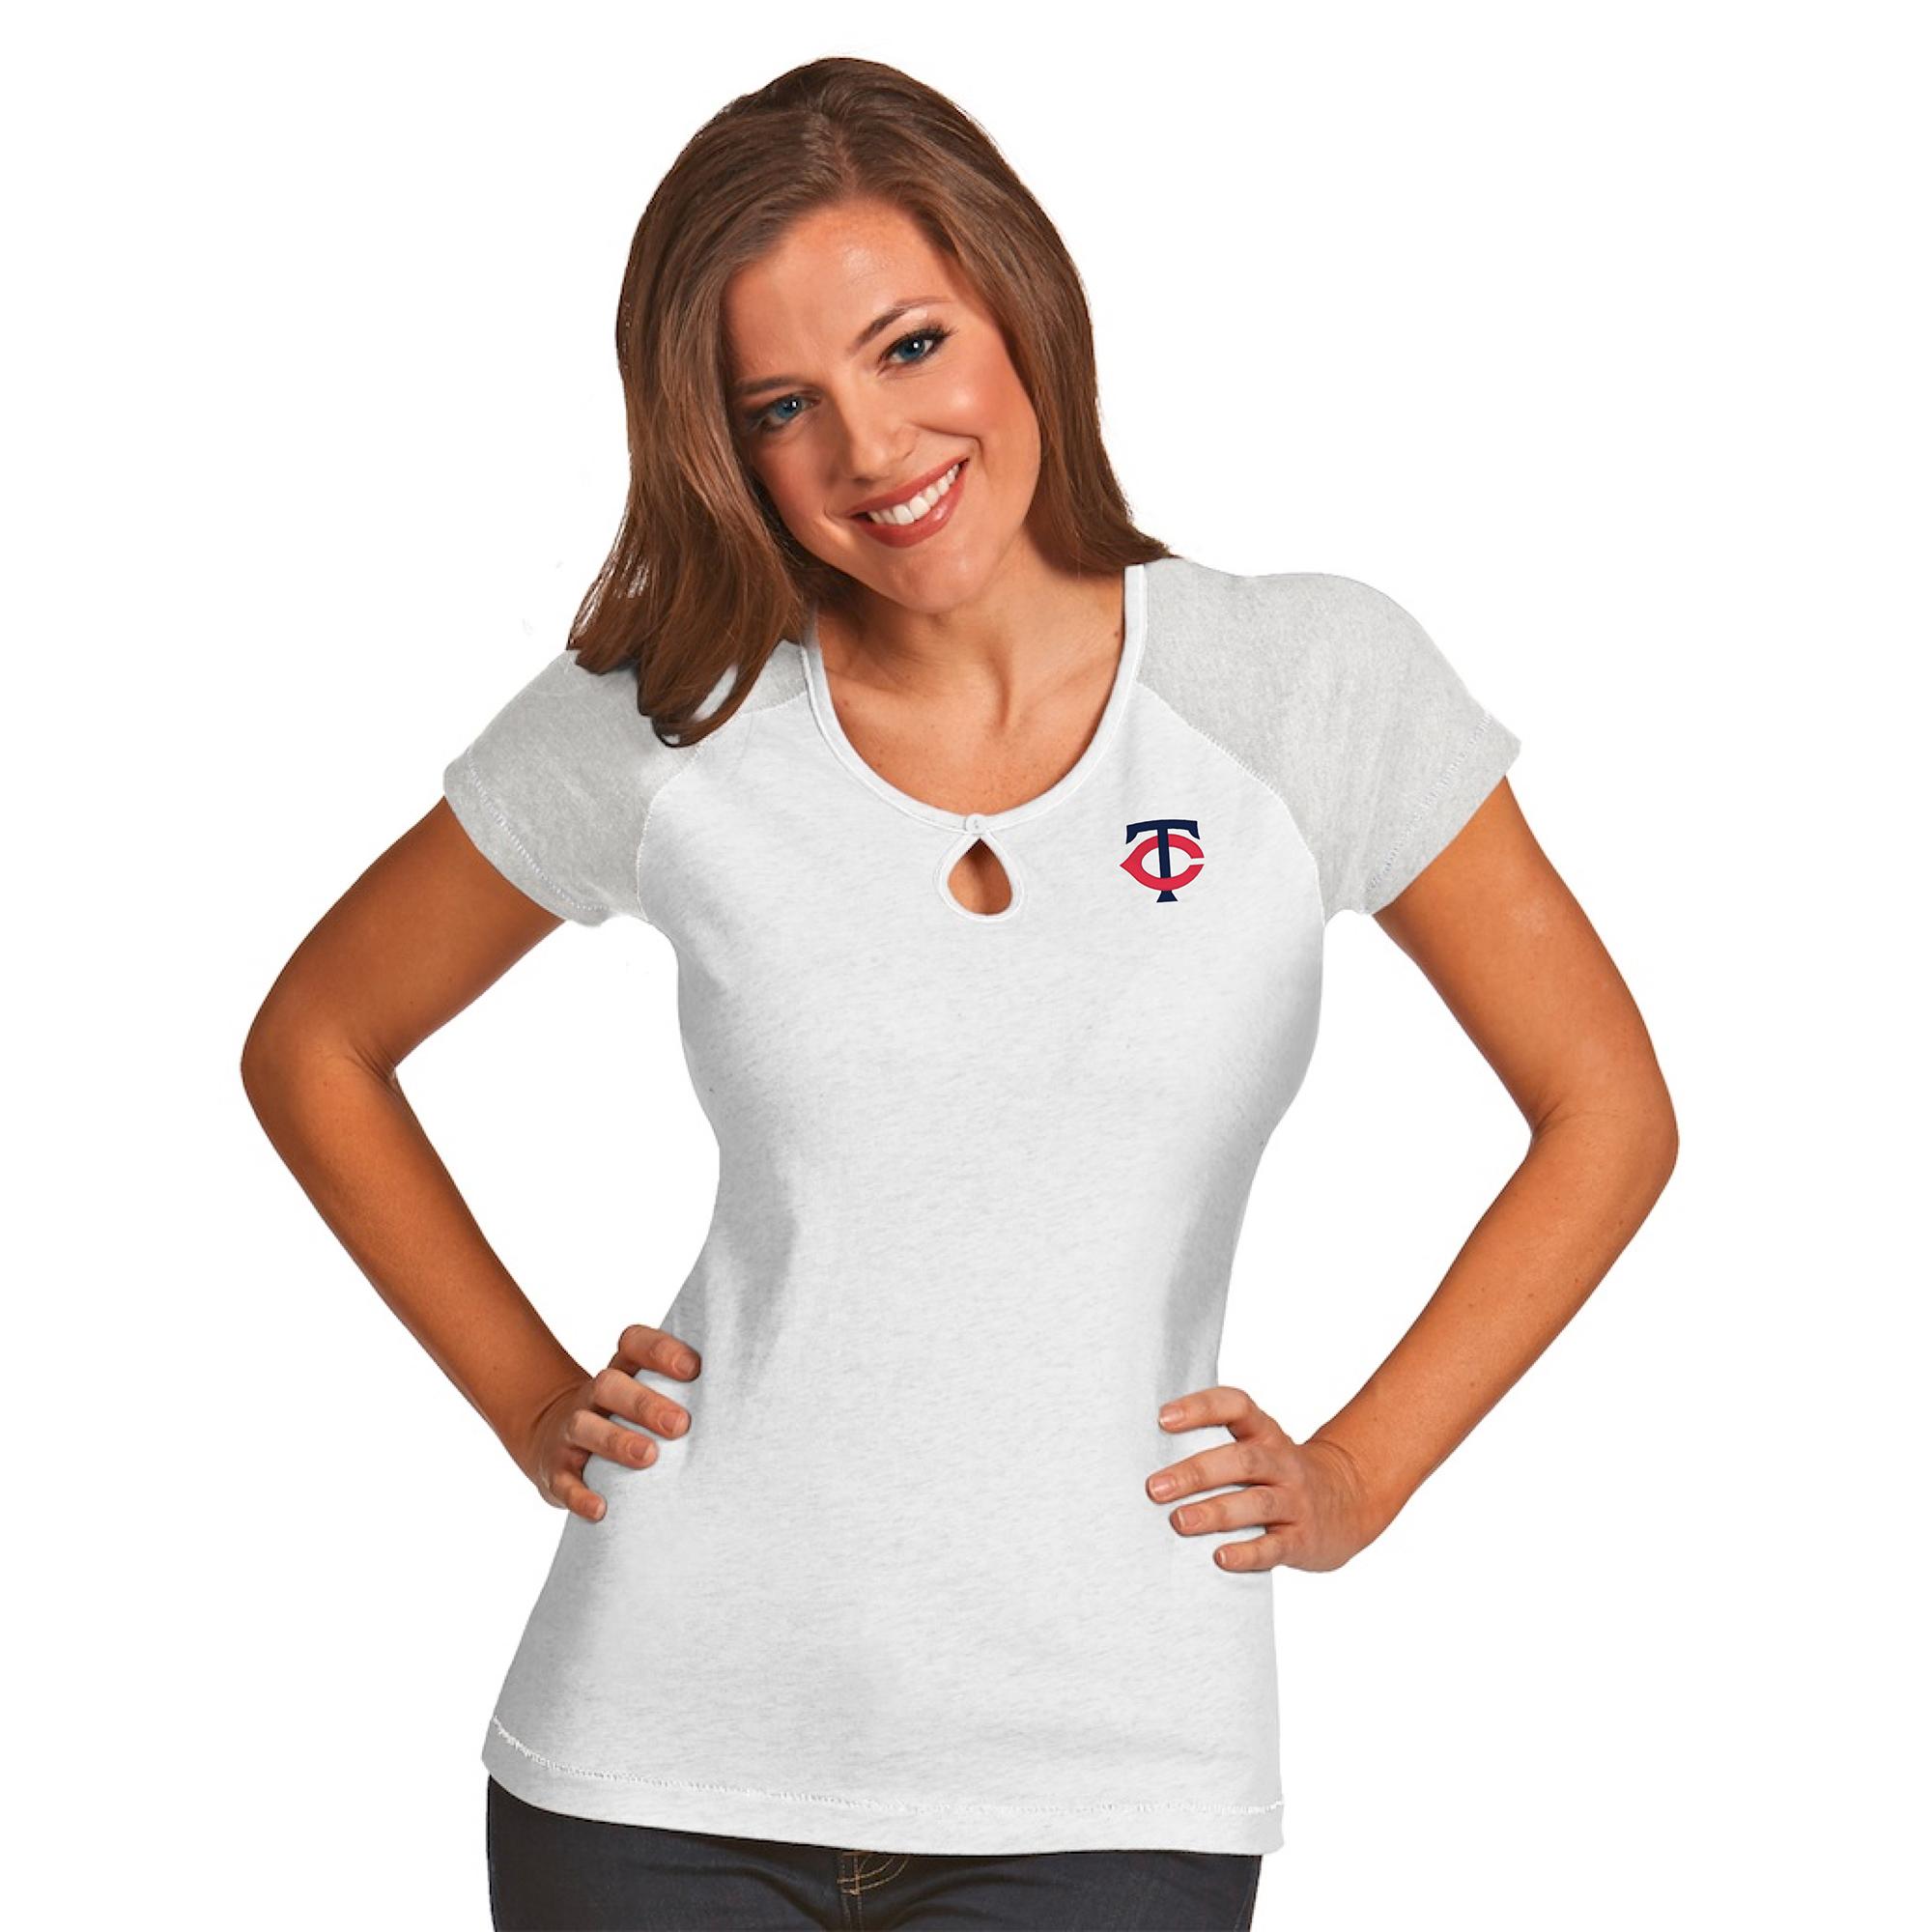 Minnesota Twins Antigua Women's MLB Crush T-Shirt - White/Gray